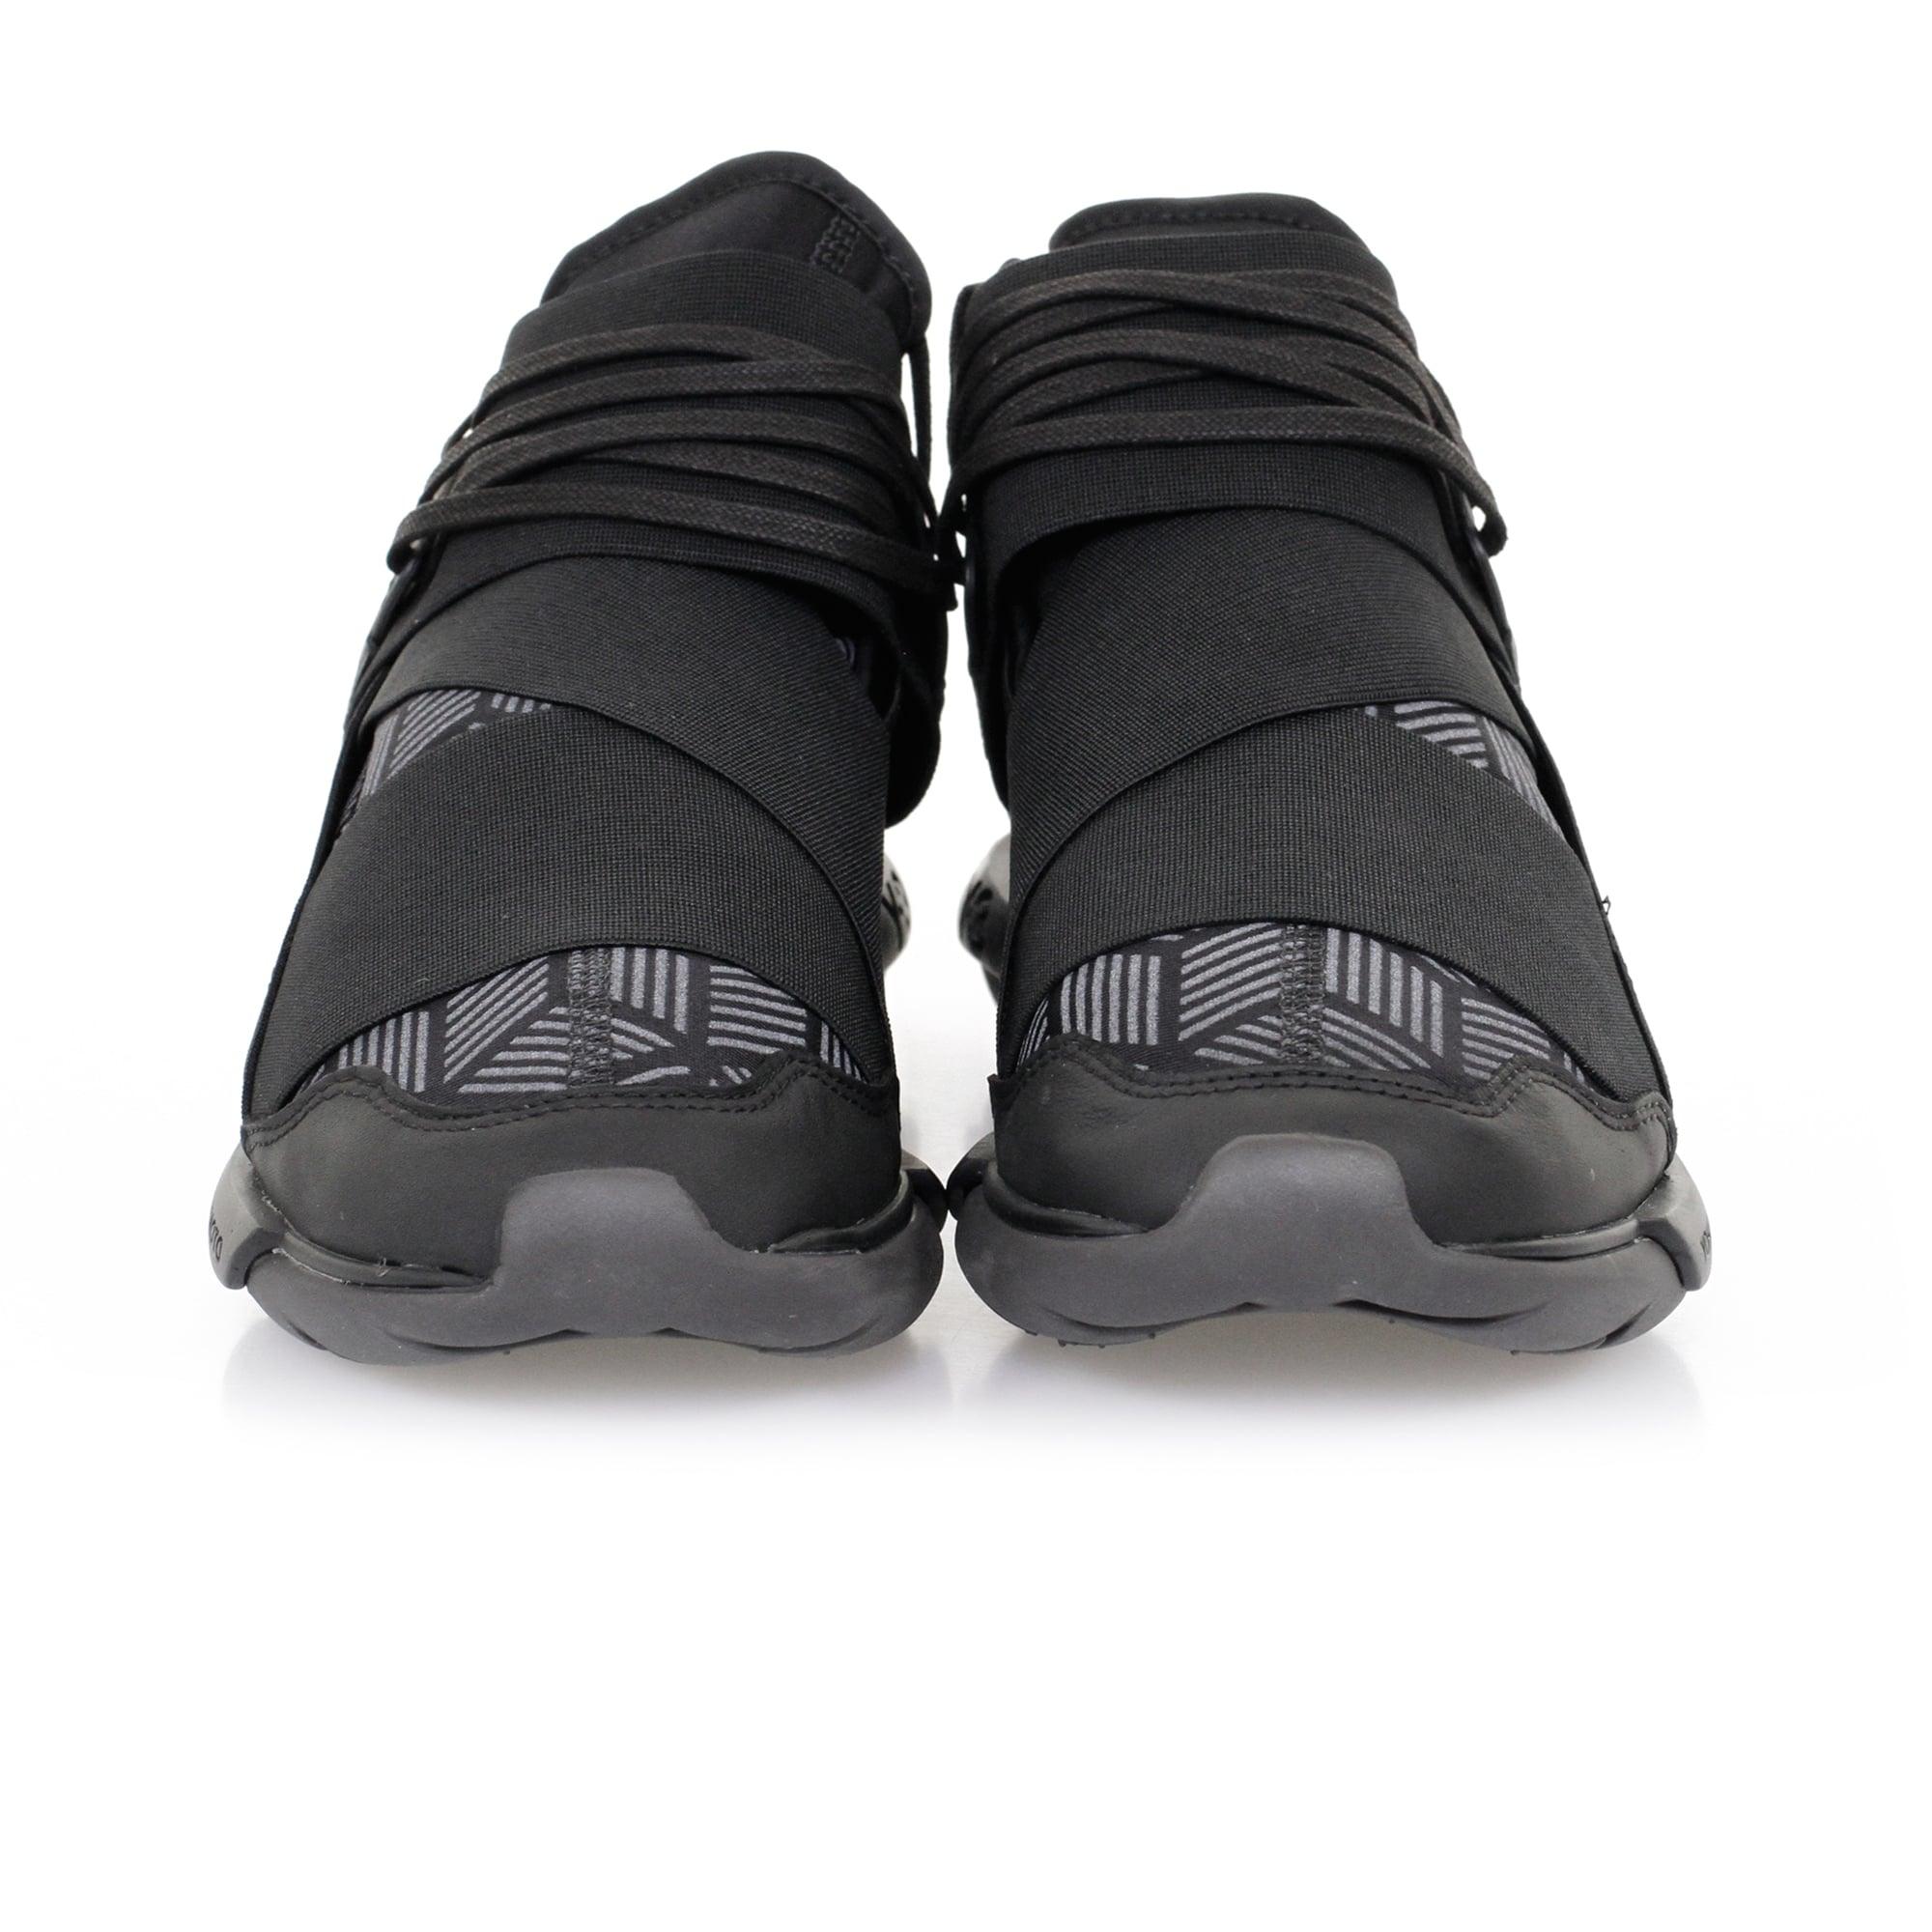 c5ac9ef84 ... adidas y 3 qasa high utility black shoe s82123